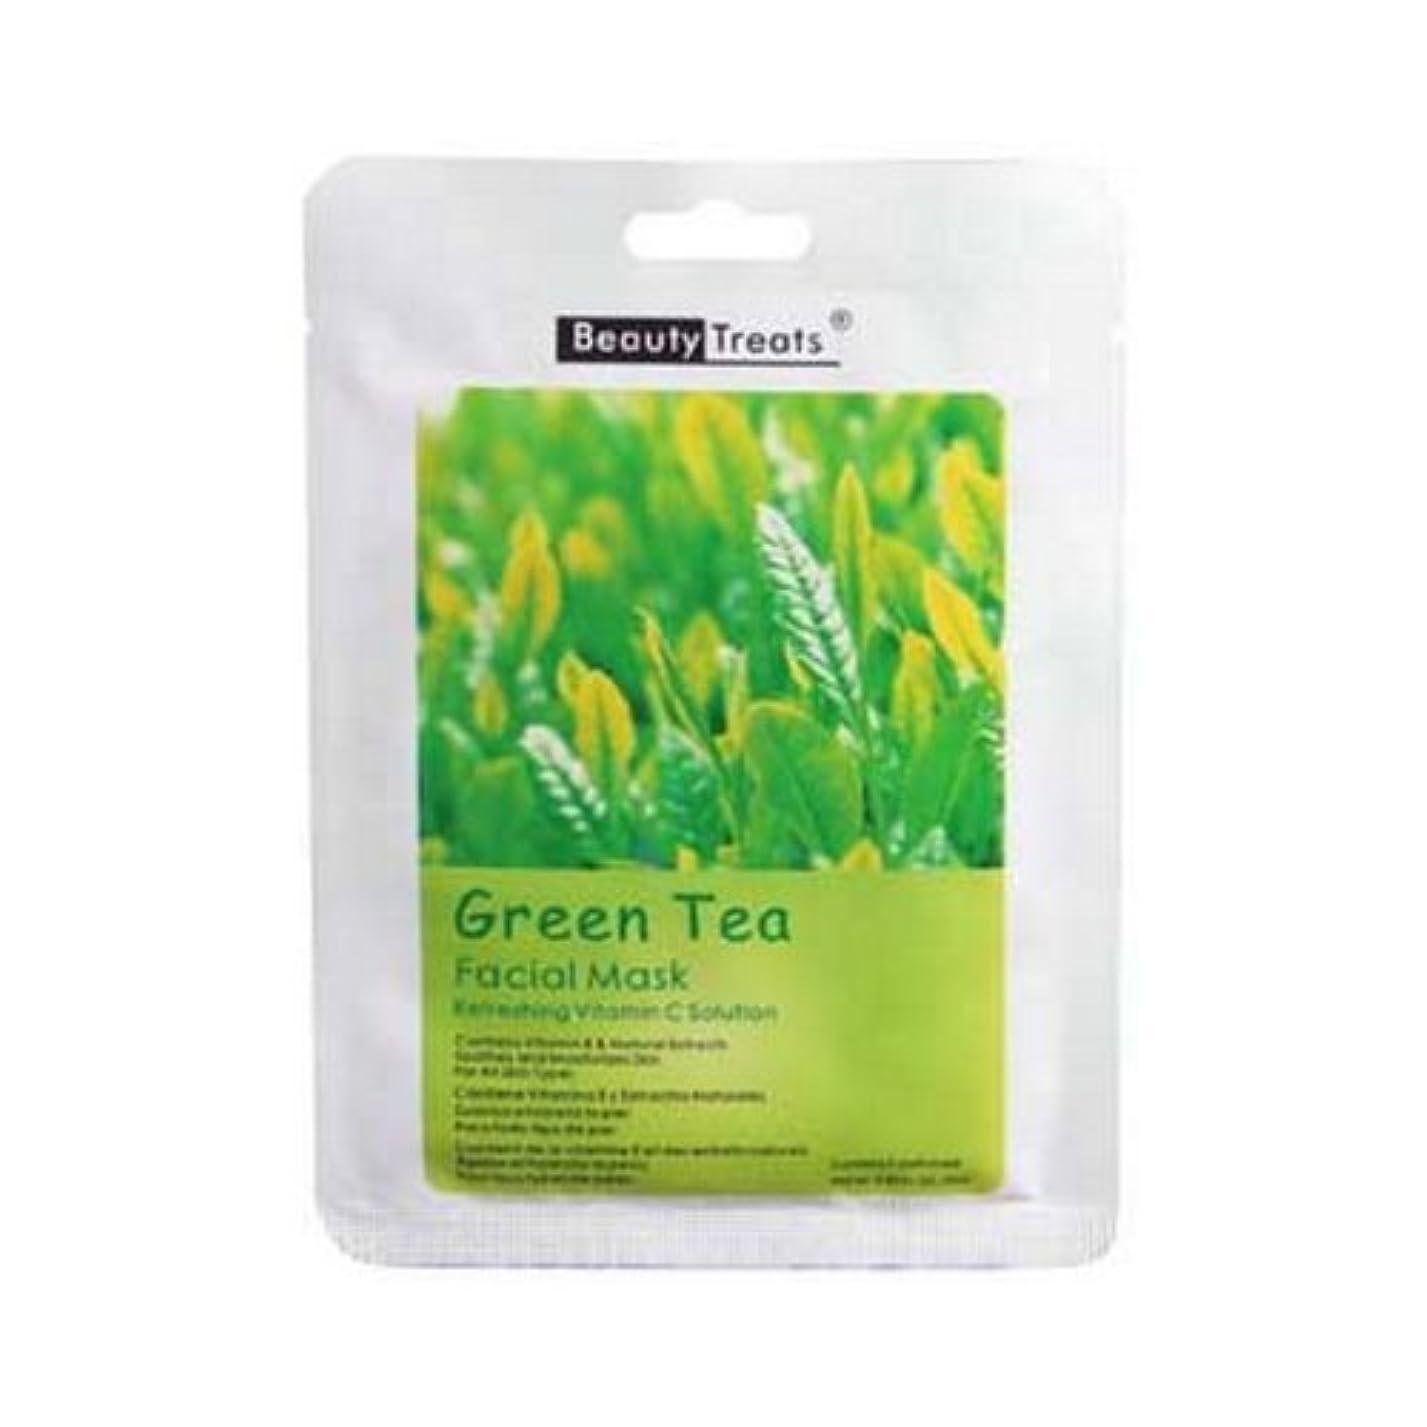 どれか到着する地元(3 Pack) BEAUTY TREATS Facial Mask Refreshing Vitamin C Solution - Green Tea (並行輸入品)